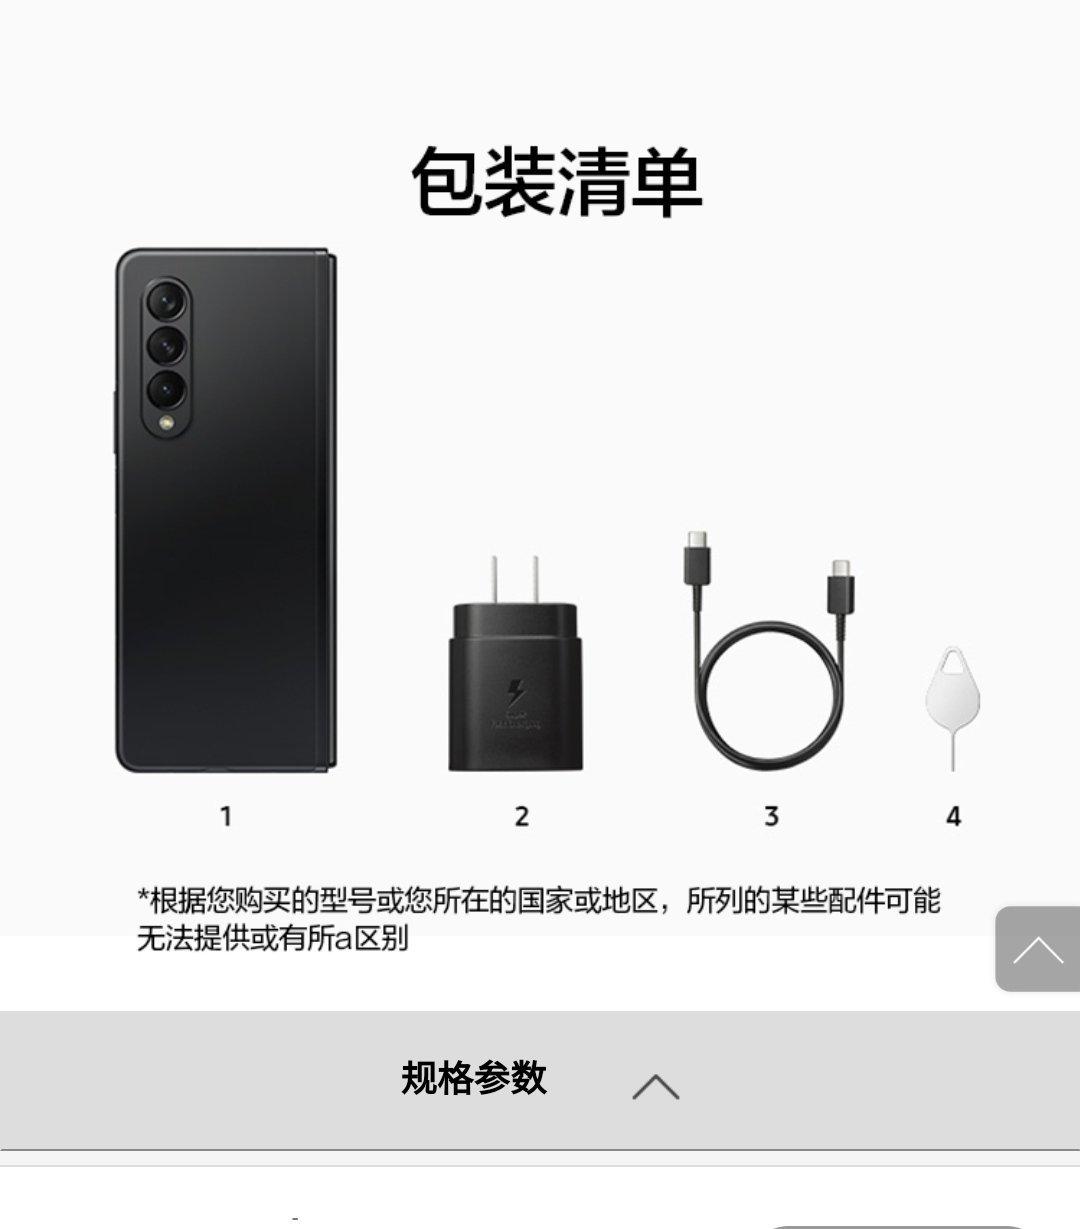 imagem do conteudo na caixa da china